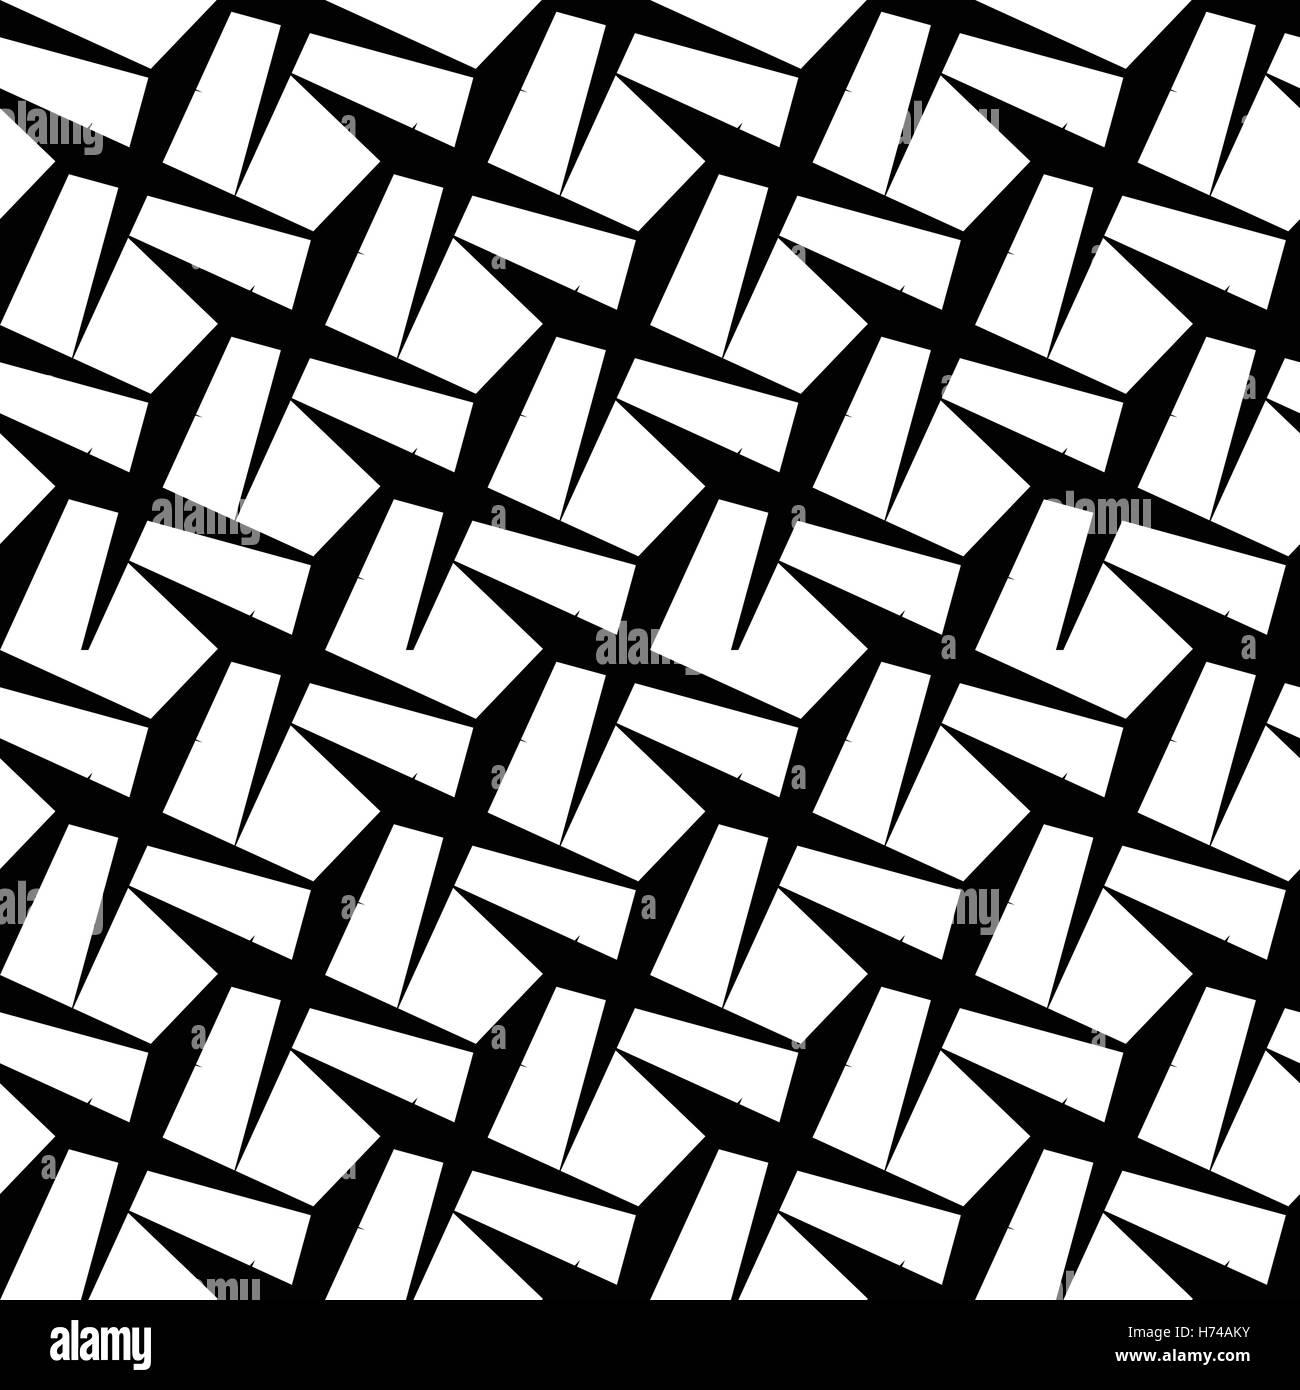 Disegni Geometrici Bianco E Nero abstract in bianco e nero disegno geometrico. perfettamente